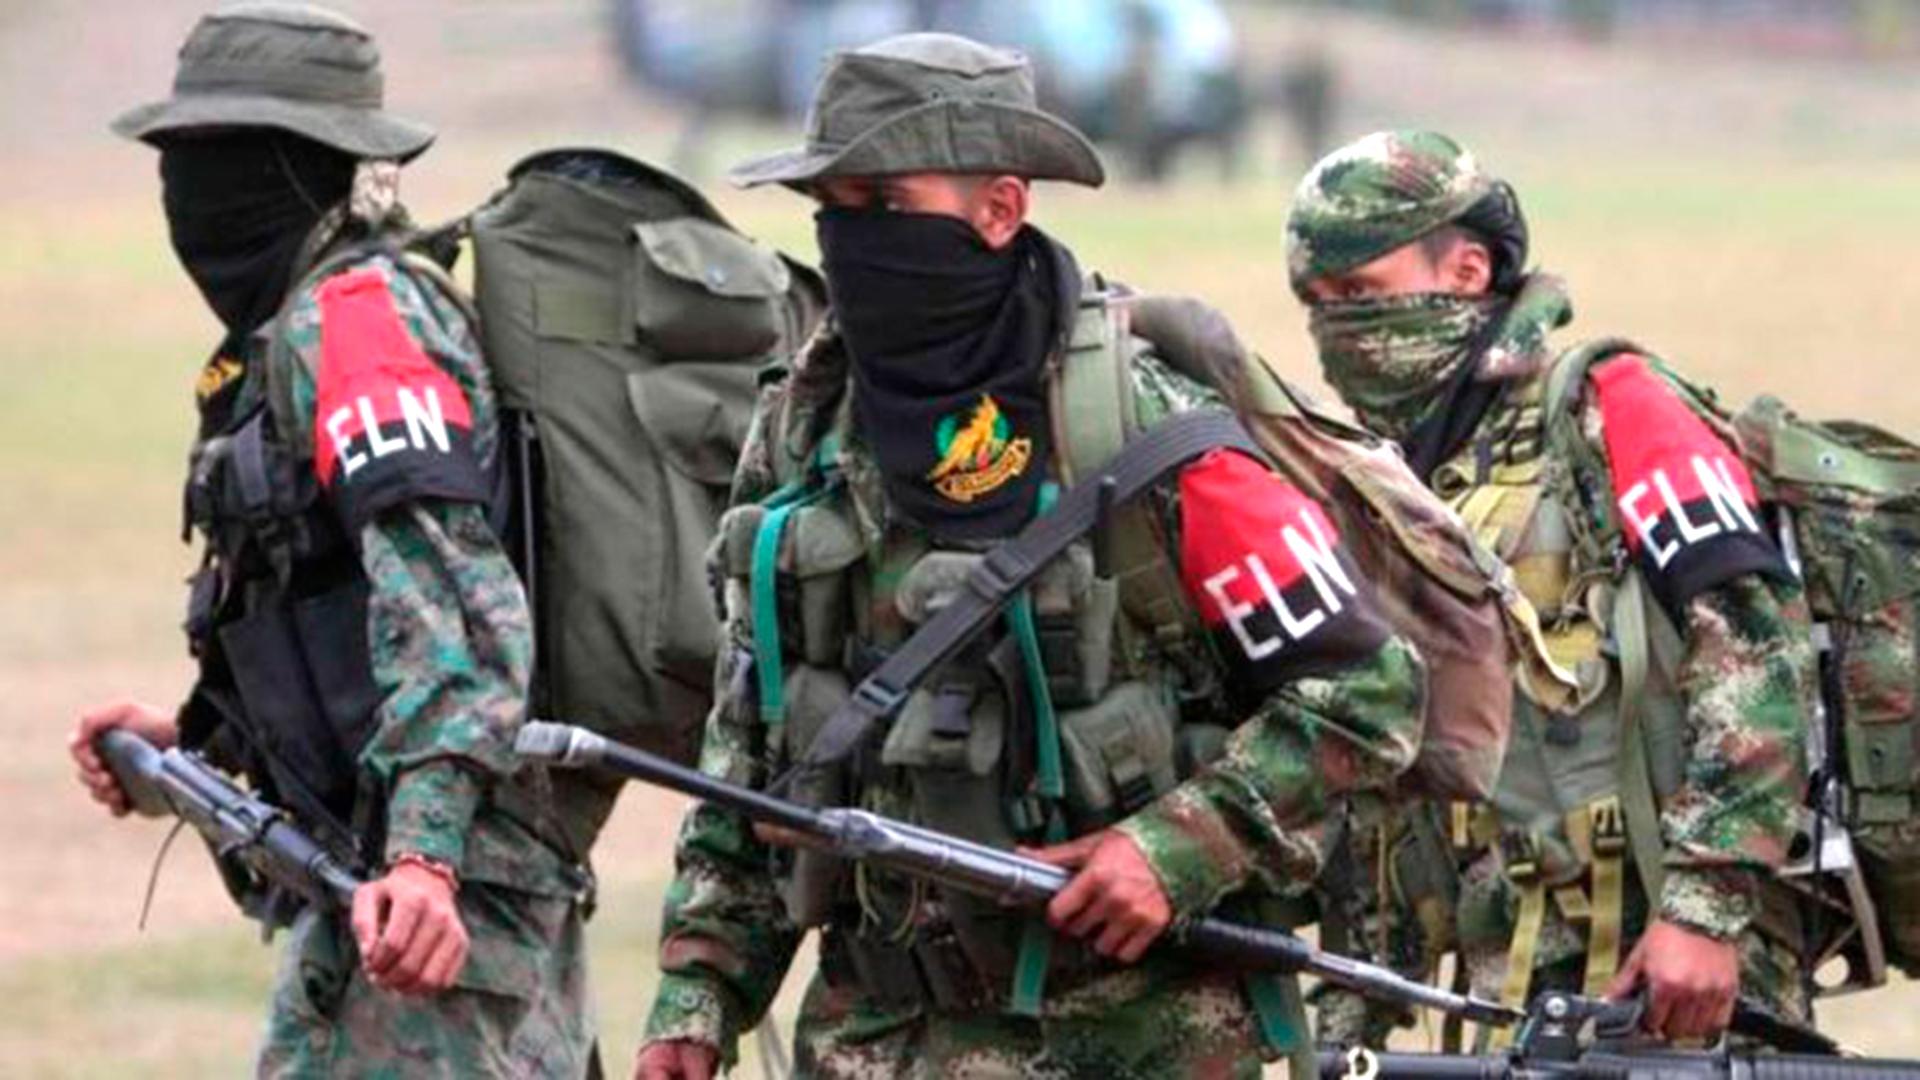 Guerrilleros del ELN mataron a dos soldados colombianos e hirieron a otros ocho en un ataque con artefactos explosivos en la frontera con Venezuela.